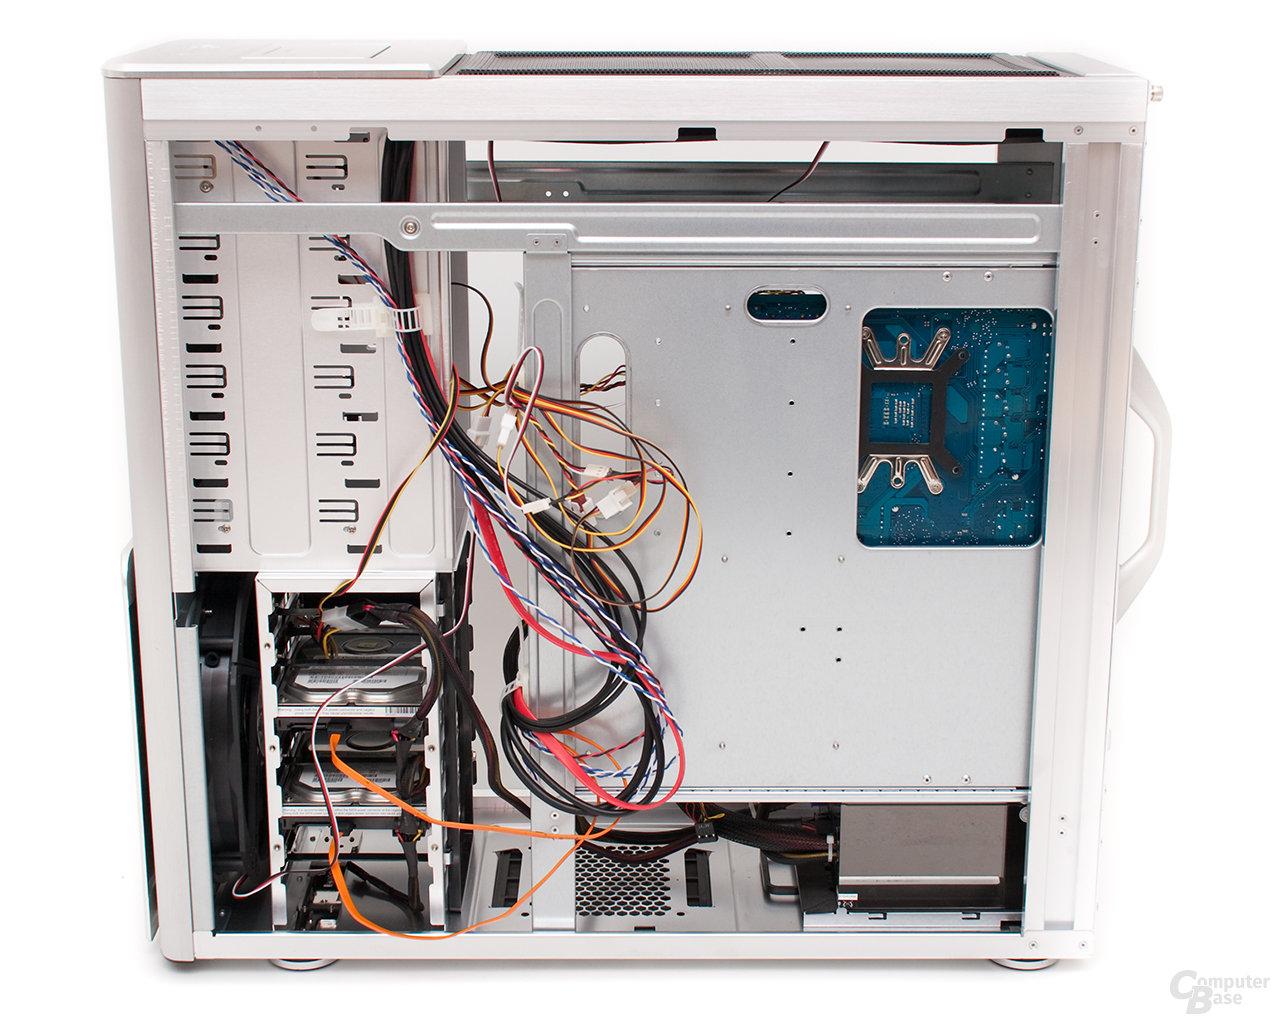 Cooler Master ATCS 840 – Testsystem